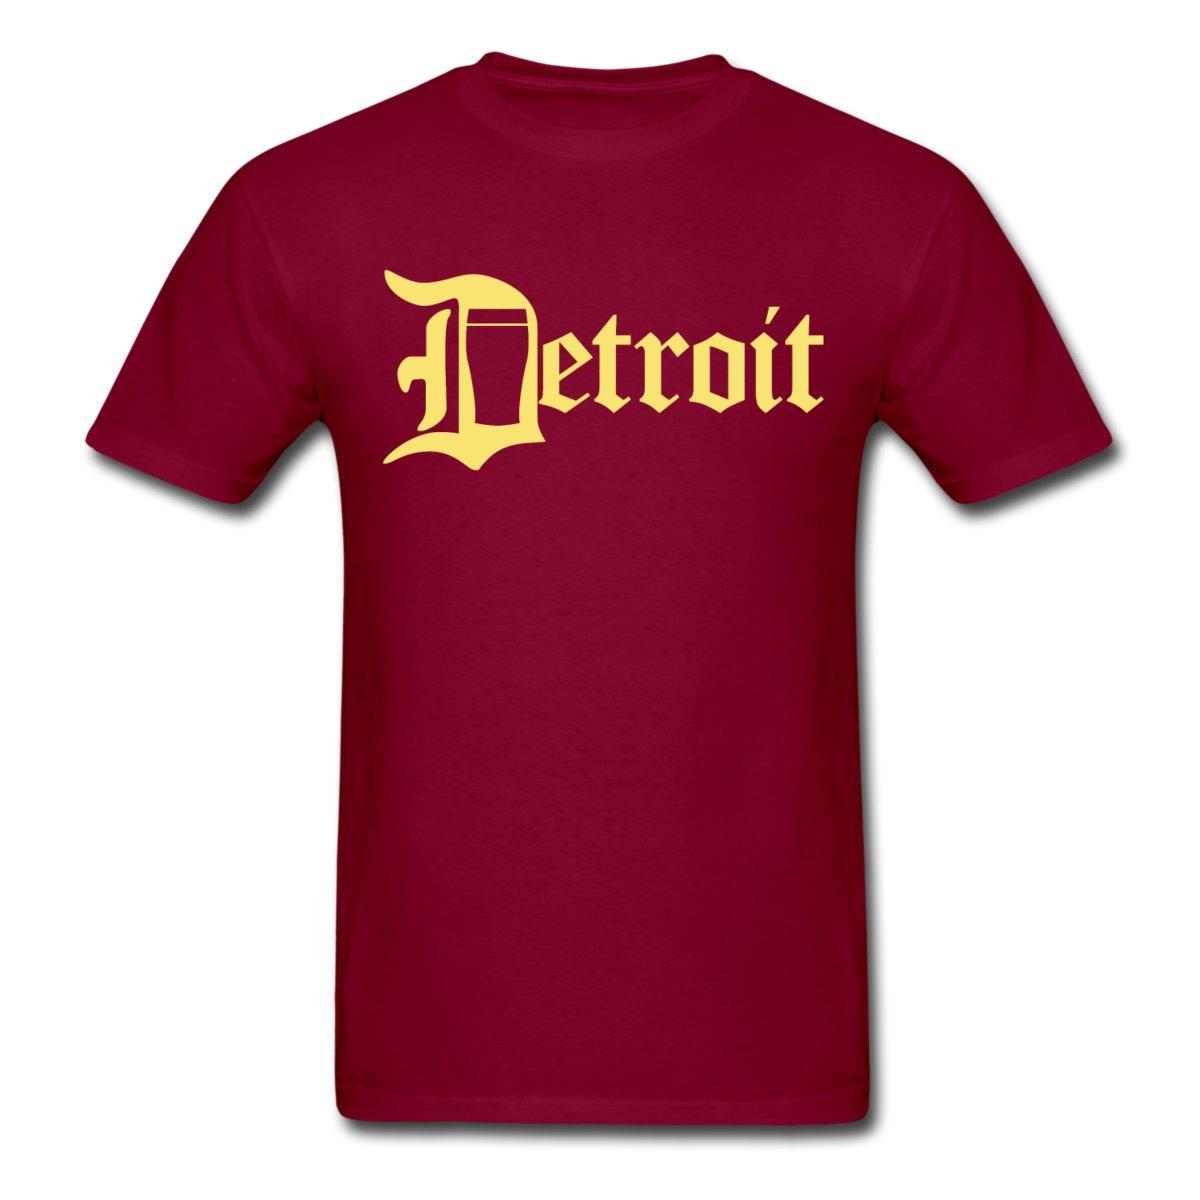 Detroit Pint City Cerveza Ropa Ropa Camiseta de los hombres Camiseta de algodón Camiseta de la manera Envío libre O cuello de la camiseta